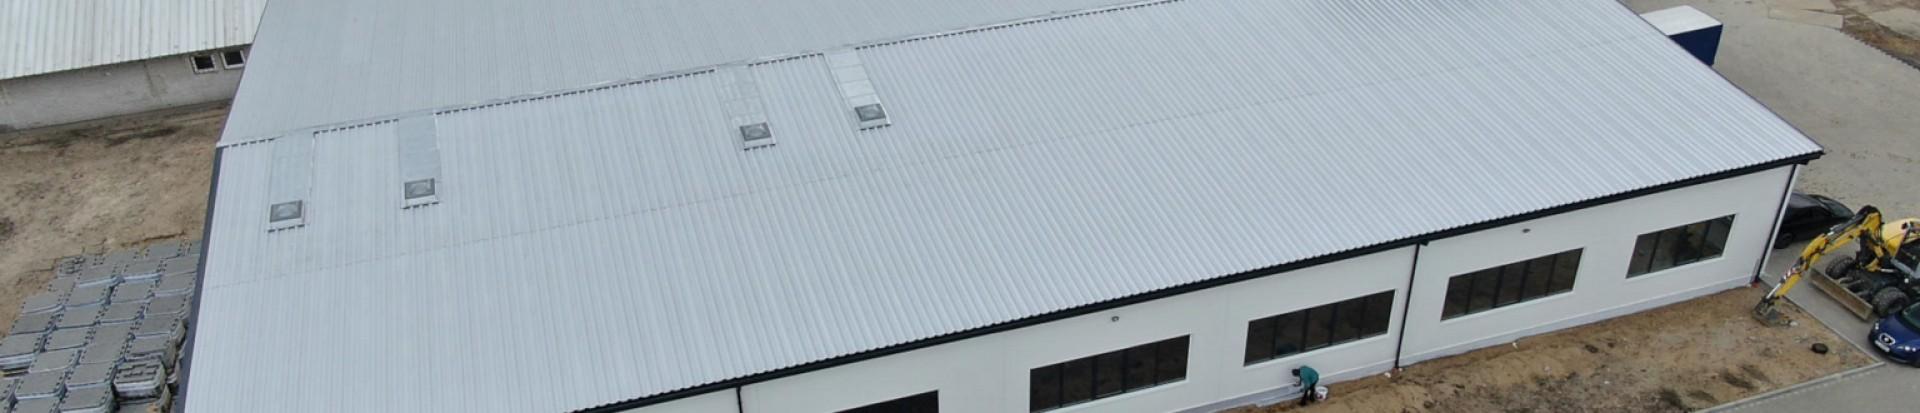 Budowa hali produkcyjnej drukarni w m. Łódź